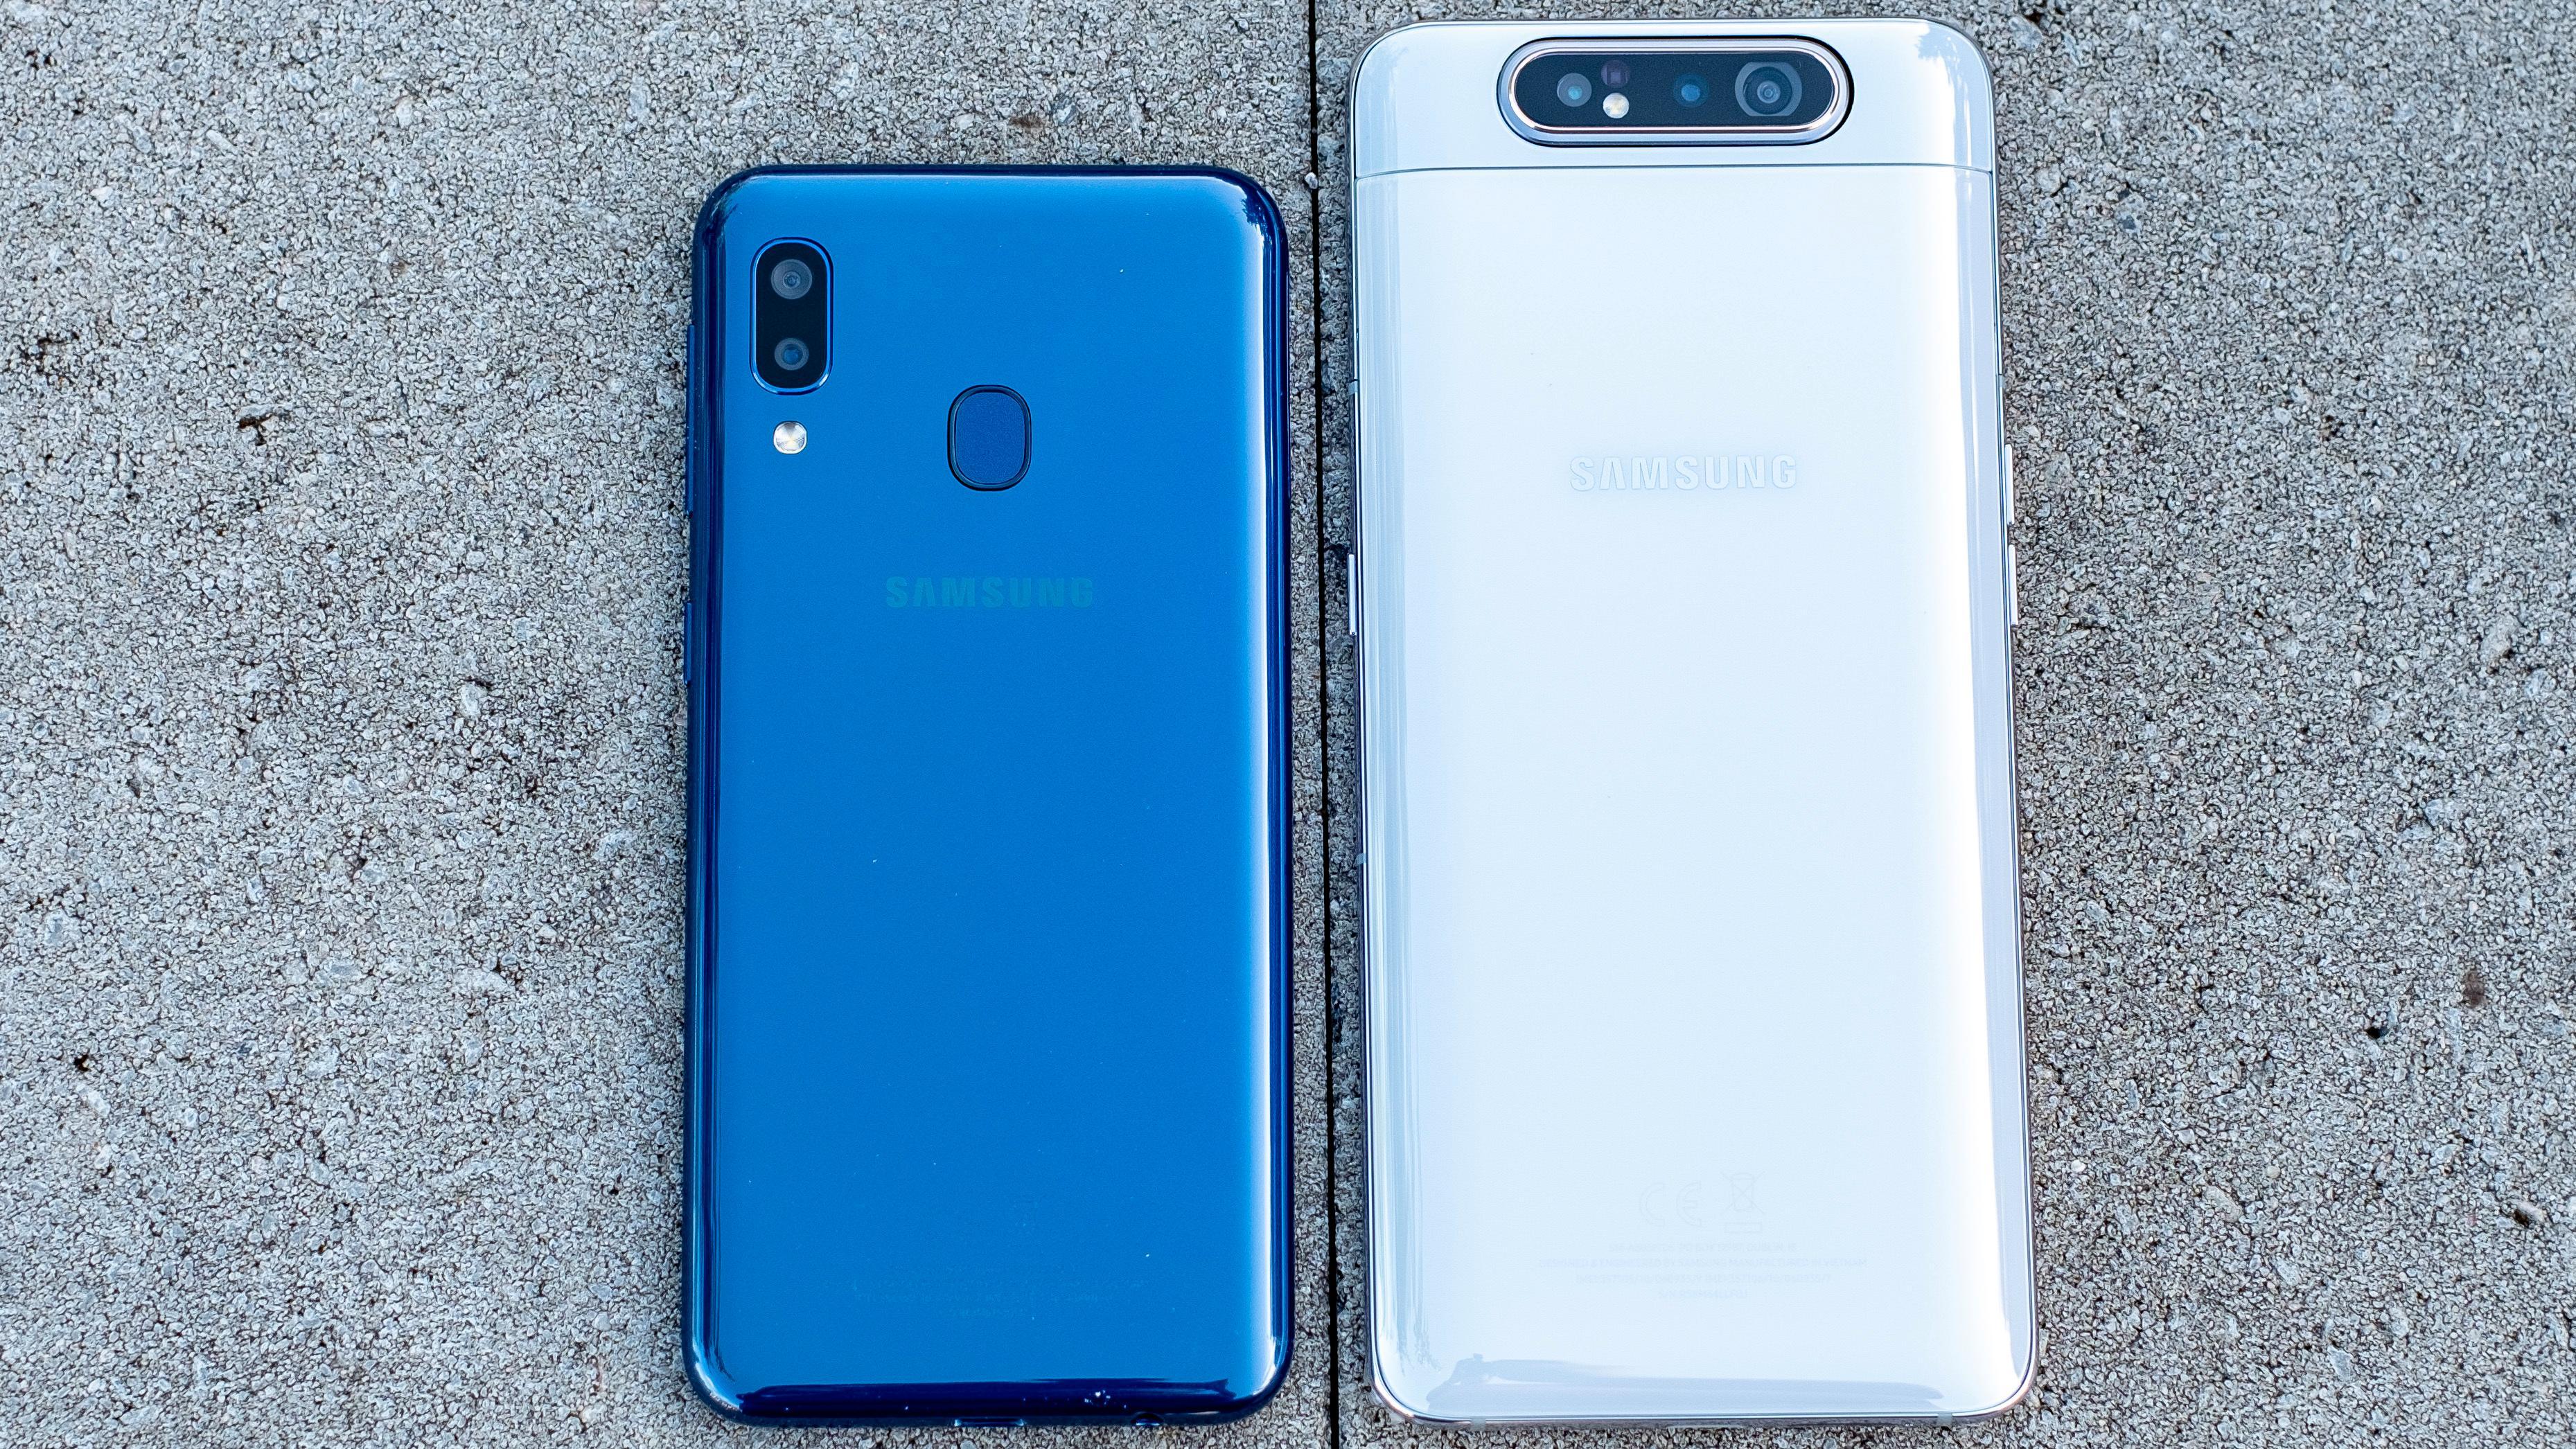 A-serien strekker seg fra noen av de billigste mobilene i Samsungs utvalg til noen av de dyrere. Til venstre ser du Galaxy A20e, som ligger på rundt 1700 kroner.